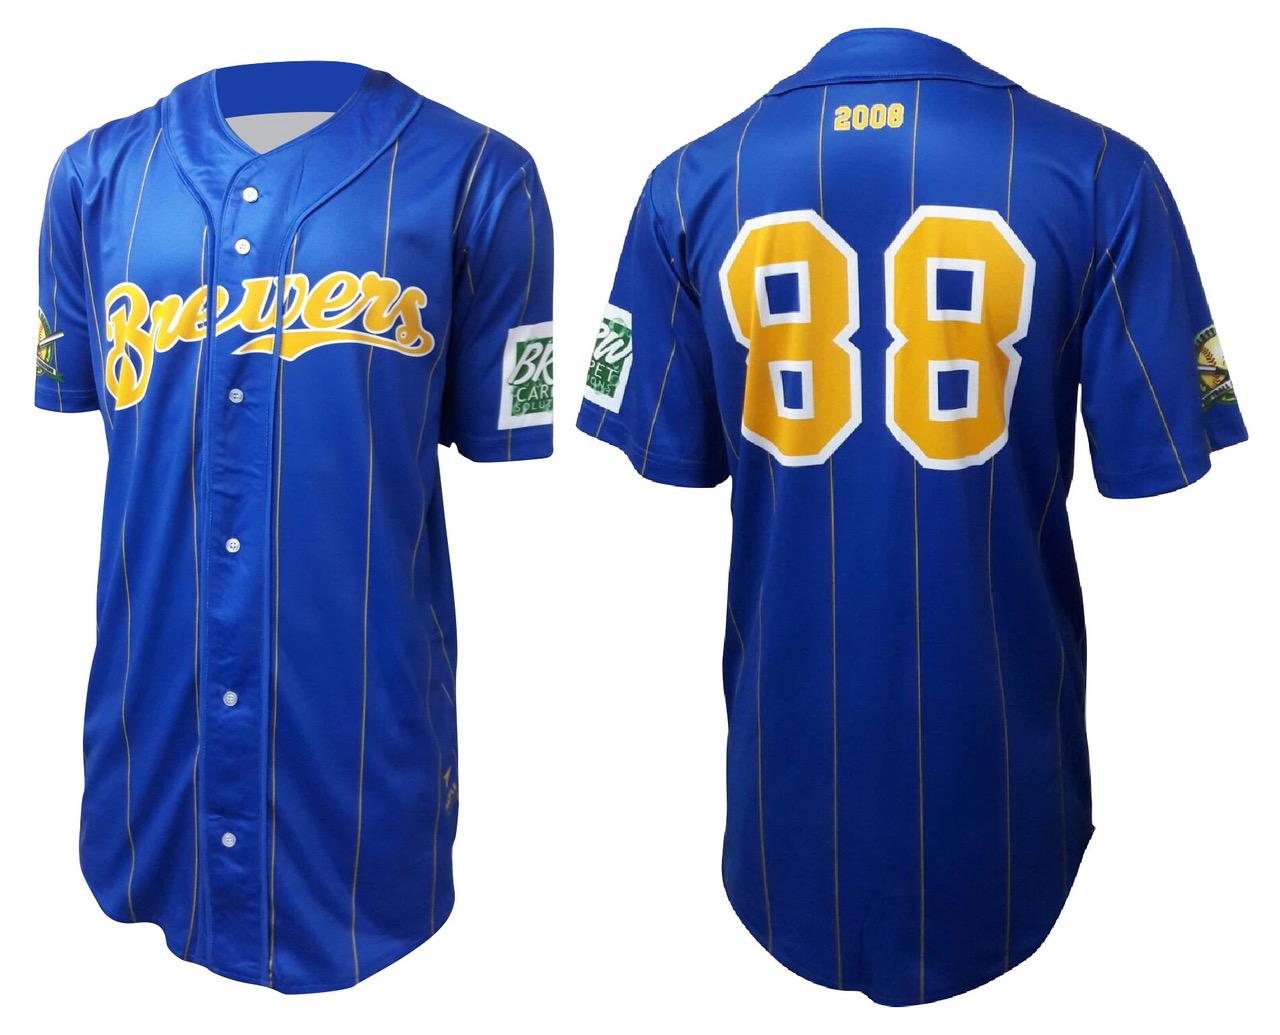 PT017 - Softball Jersey